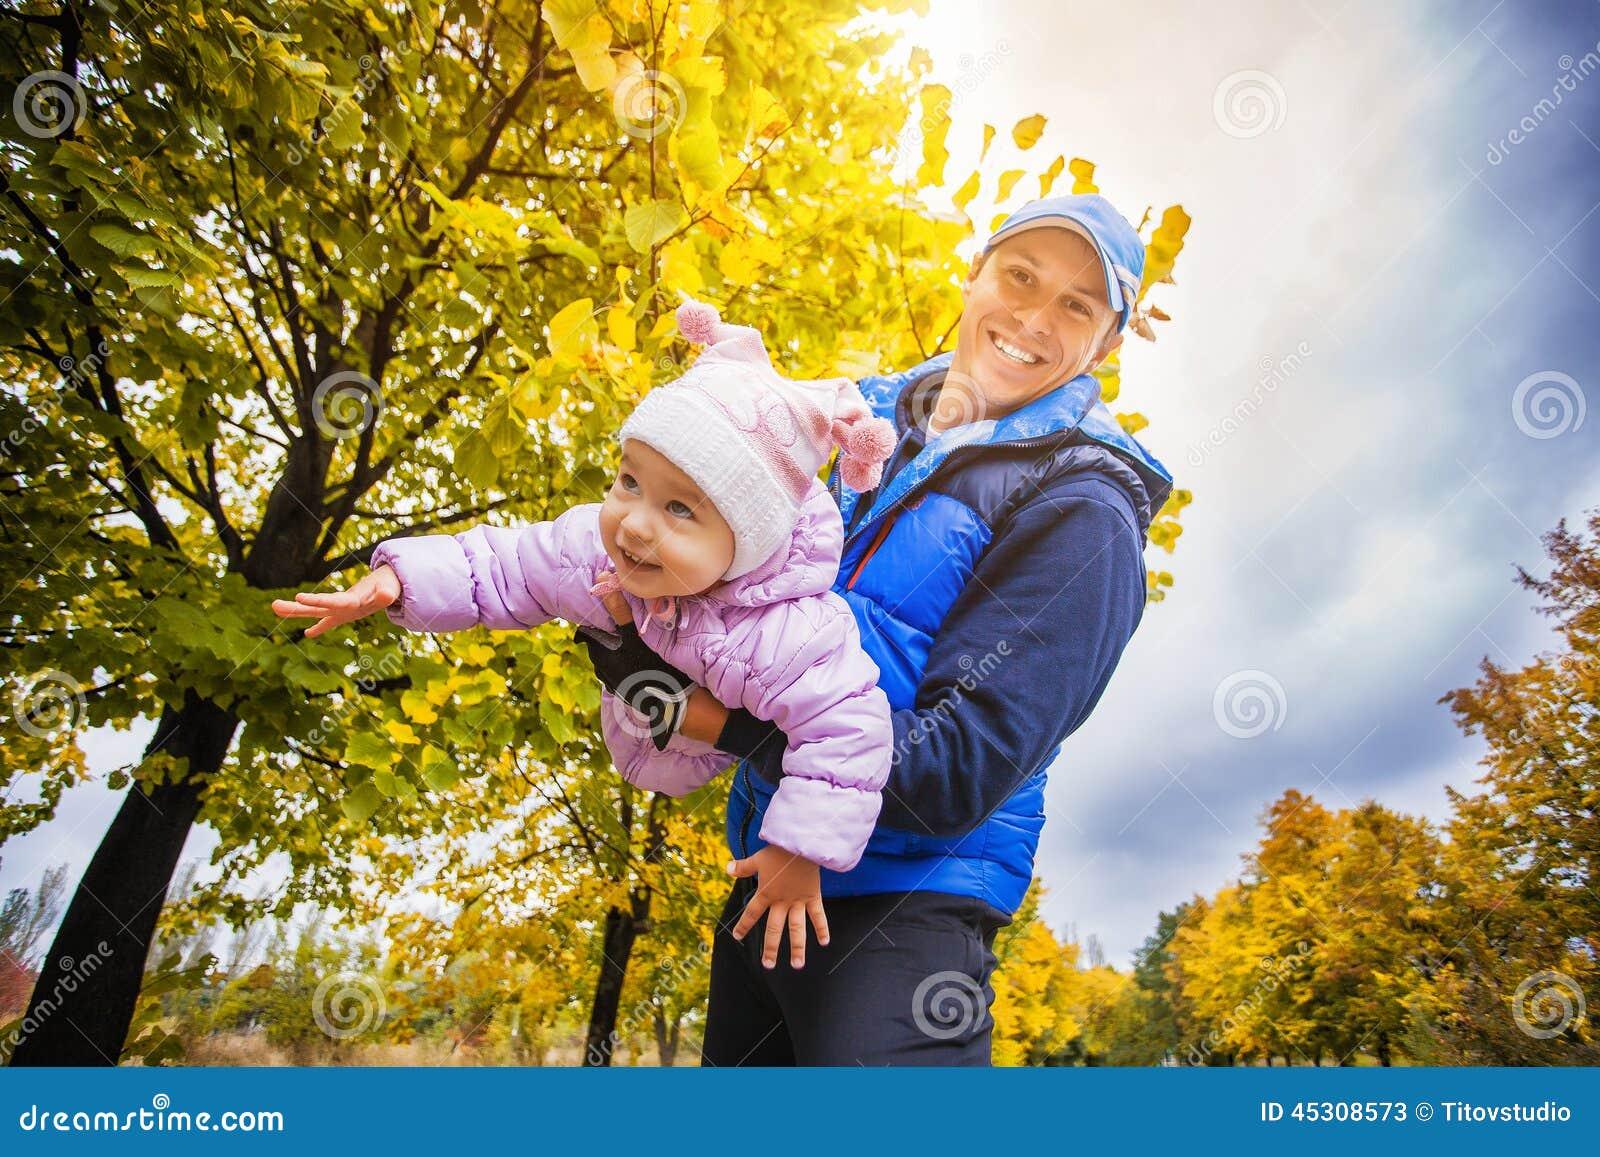 幼儿秋季图片